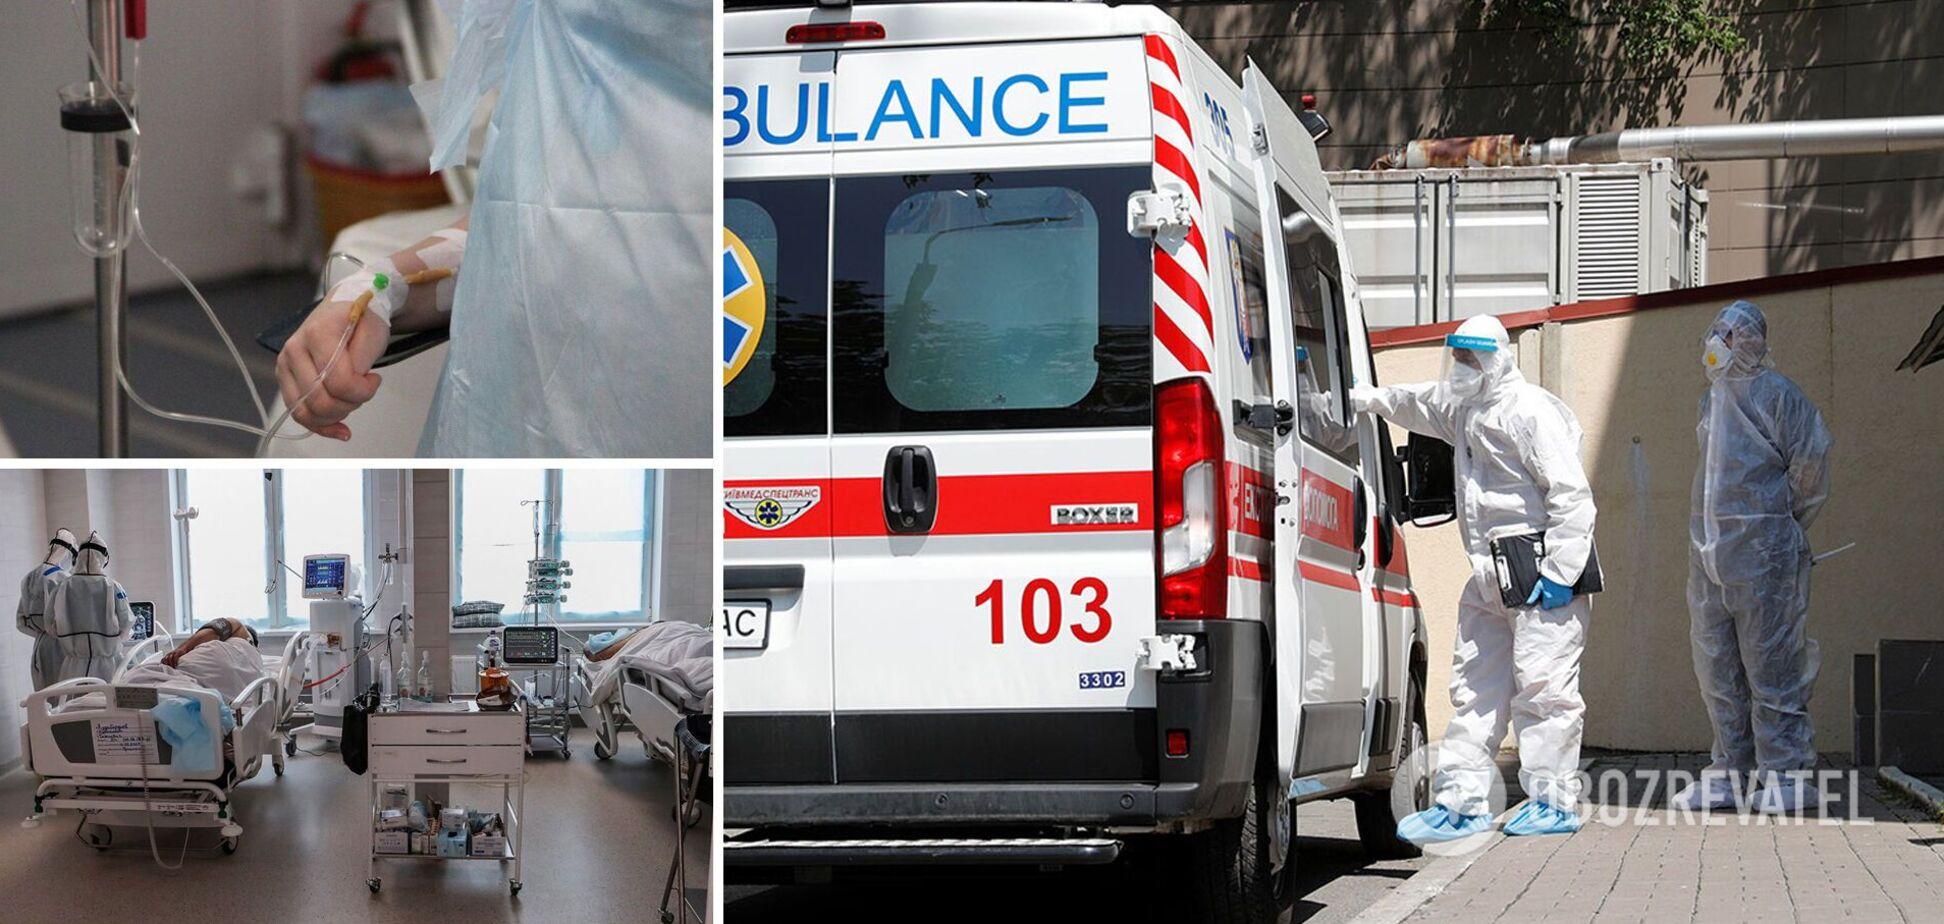 Лікарні Києва майже повністю забиті важкими пацієнтами з коронавірусом